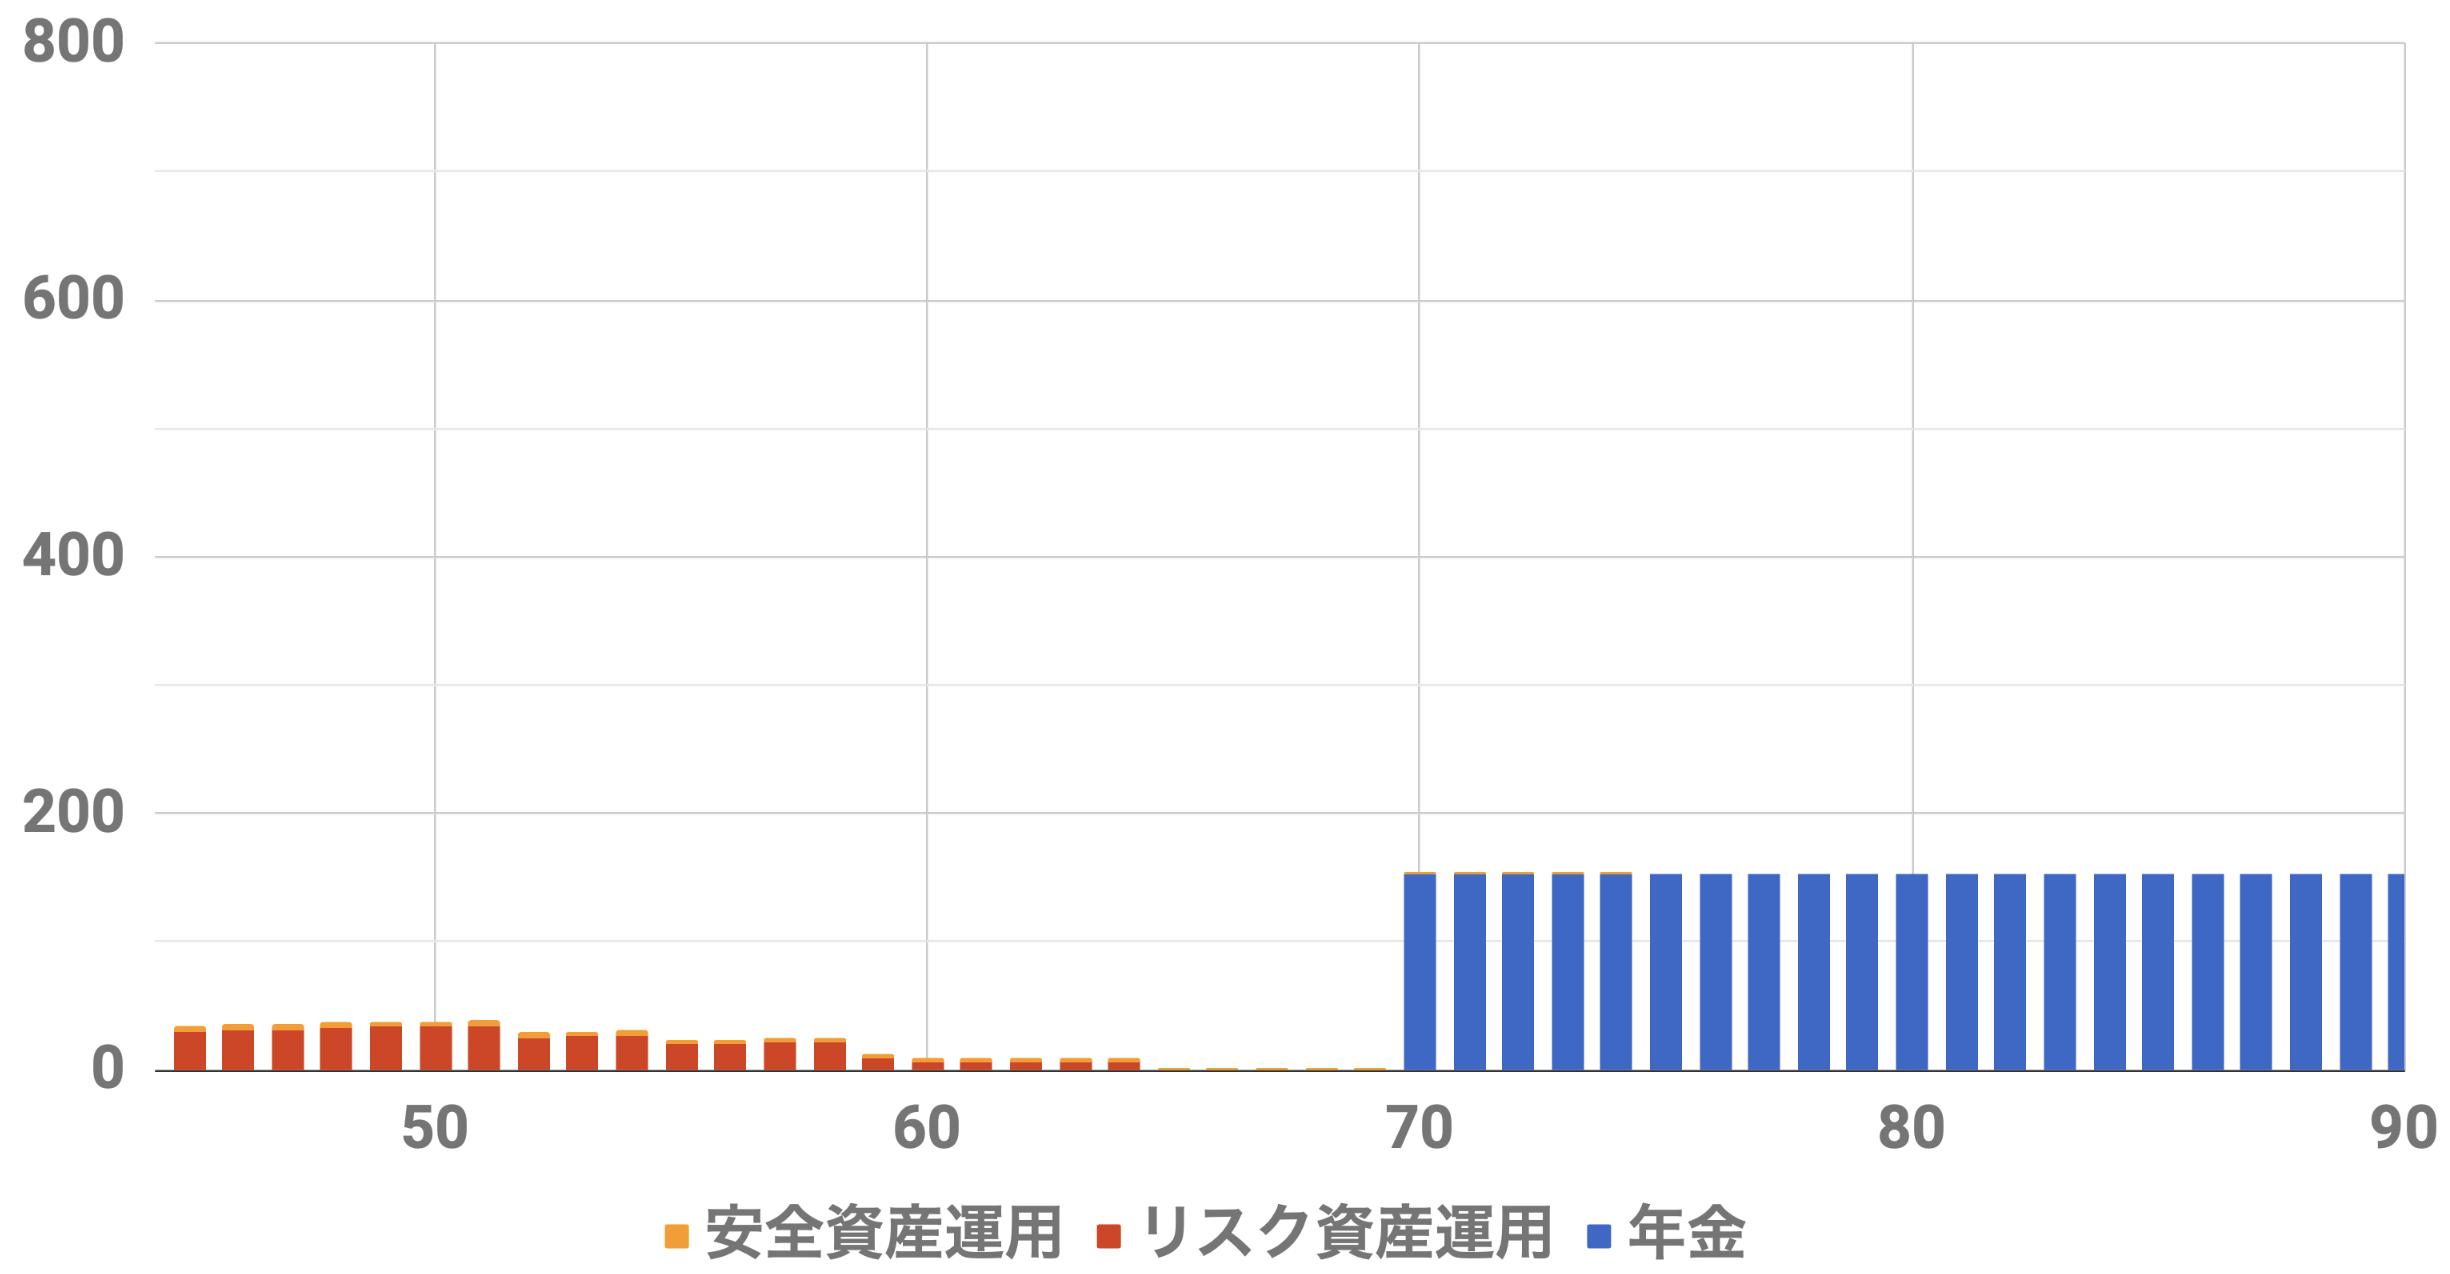 45歳1億円収入シミュレーション(Level4)インフレ率0%利率3%連続増配率3%リスク資金1000万